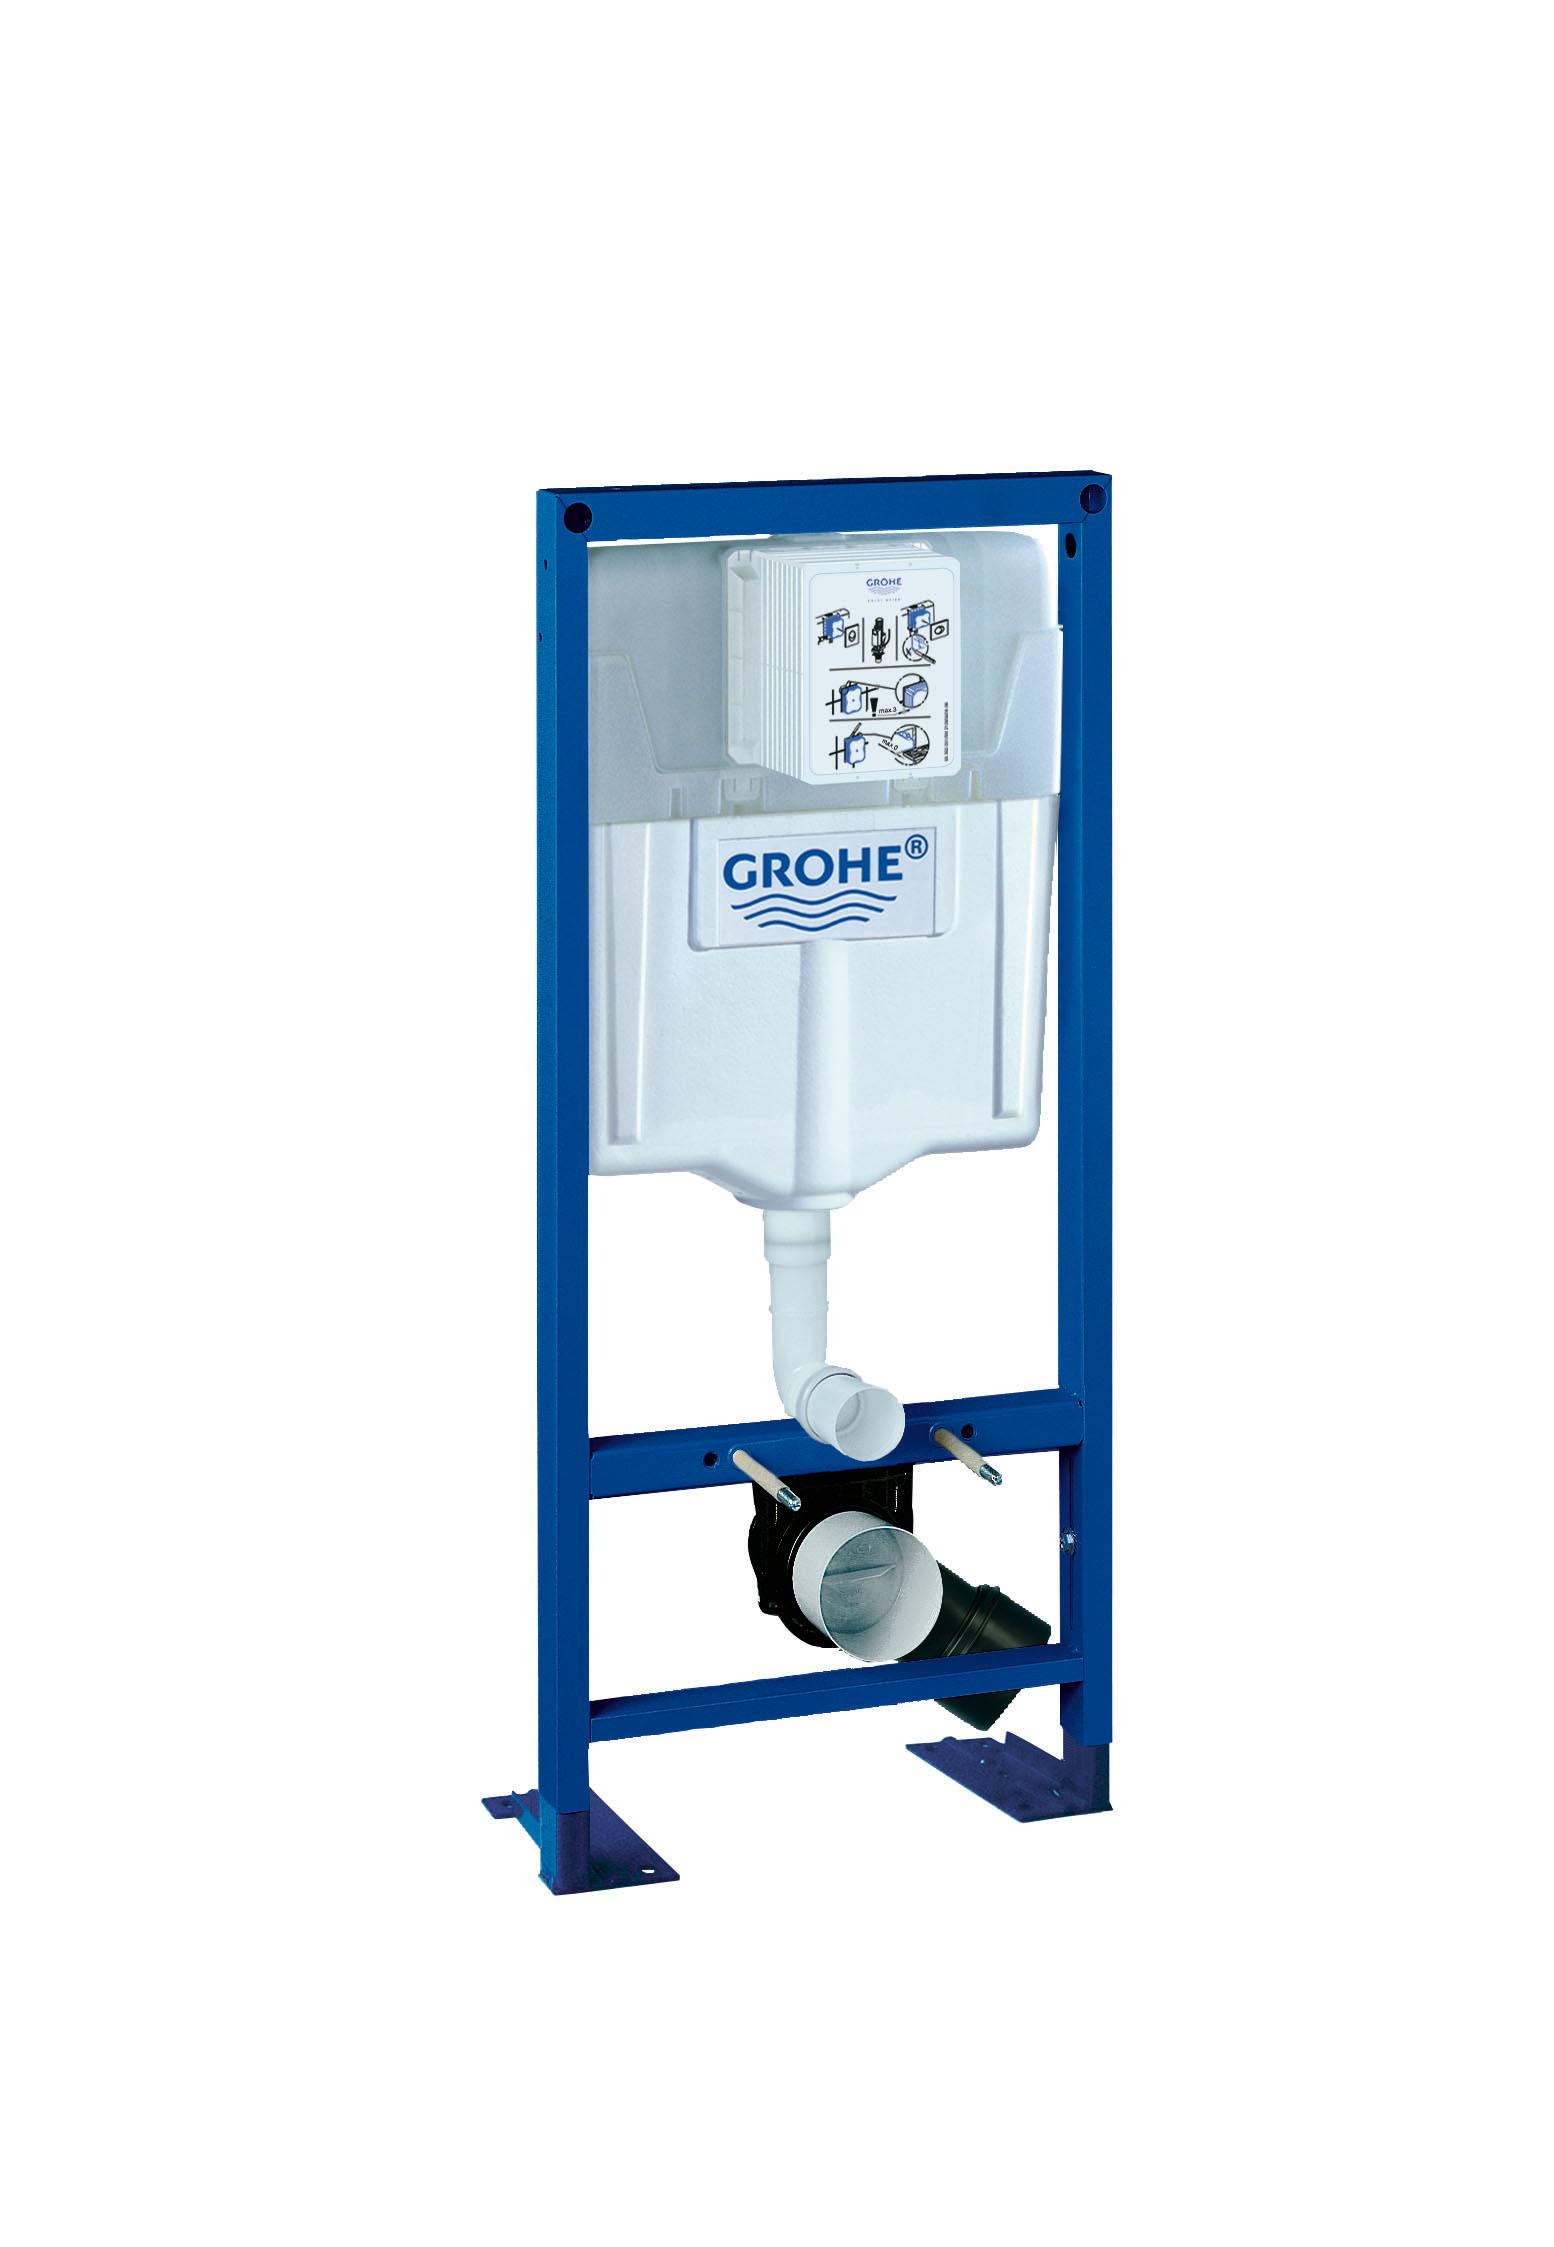 Инсталляция для унитаза Grohe Rapid sl 38584001 инсталляция grohe rapid sl для унитаза 38528001